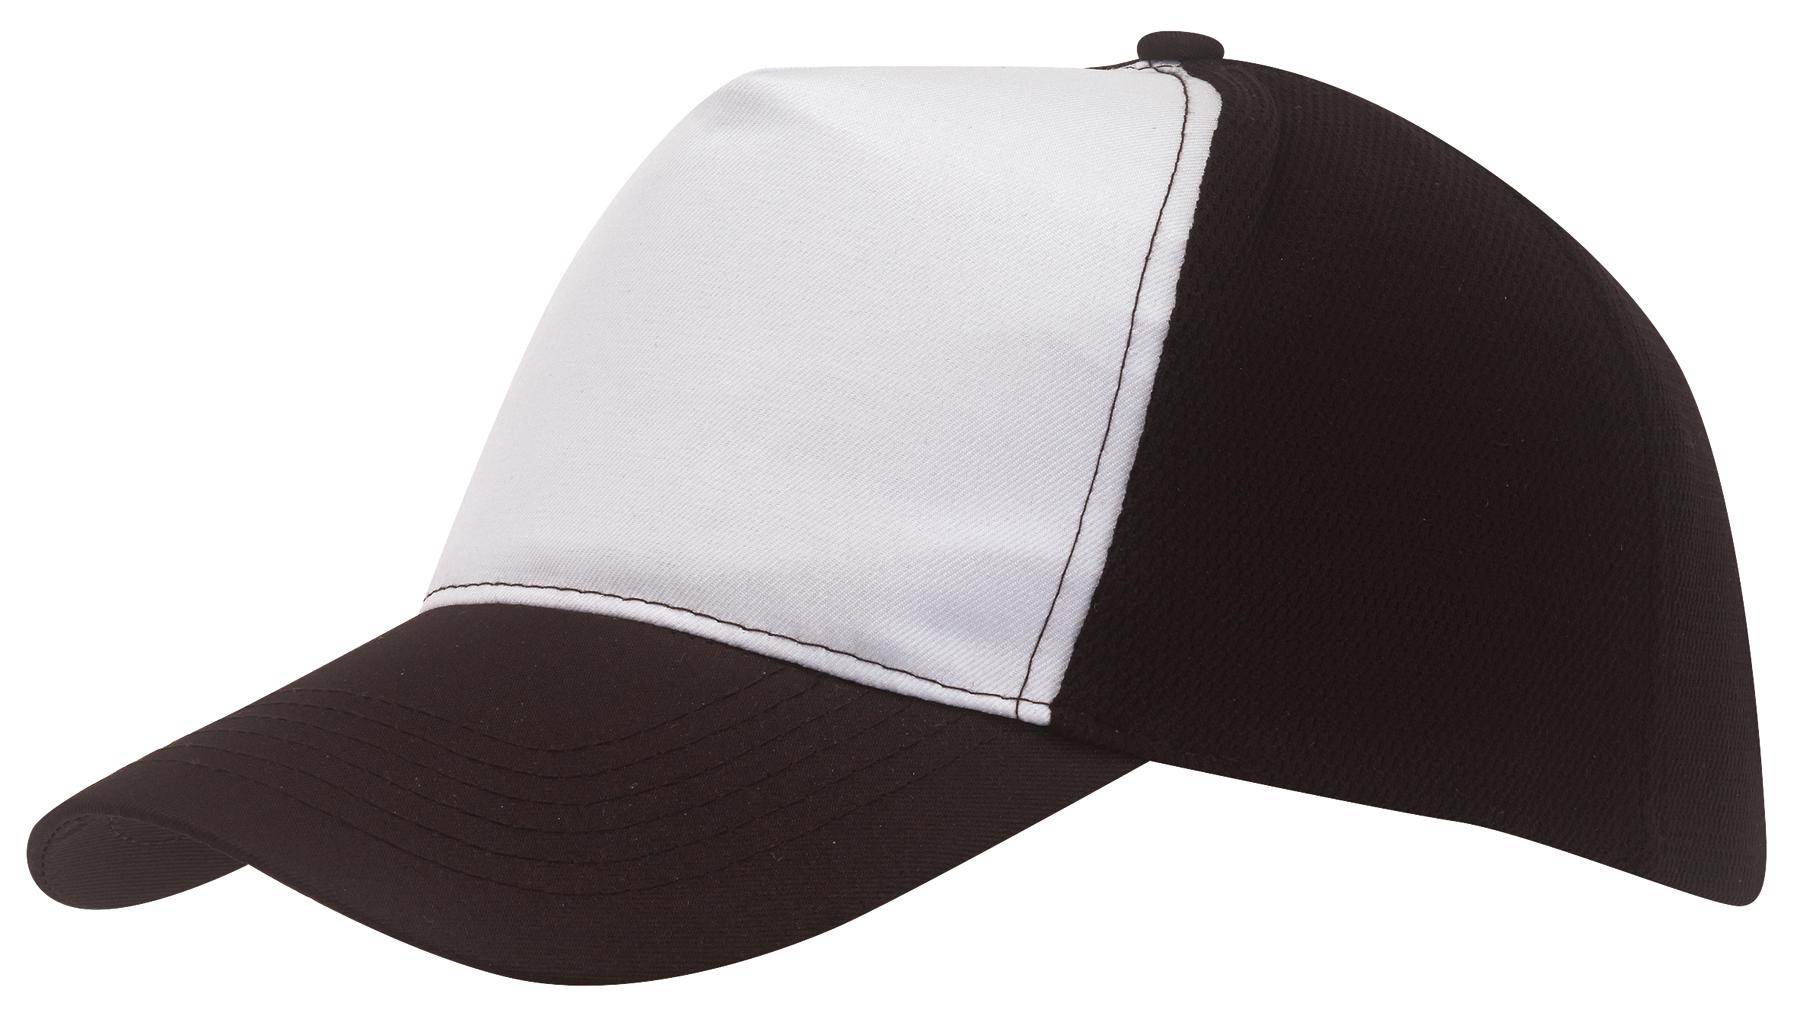 Czapka baseball BREEZY, biały, czarny